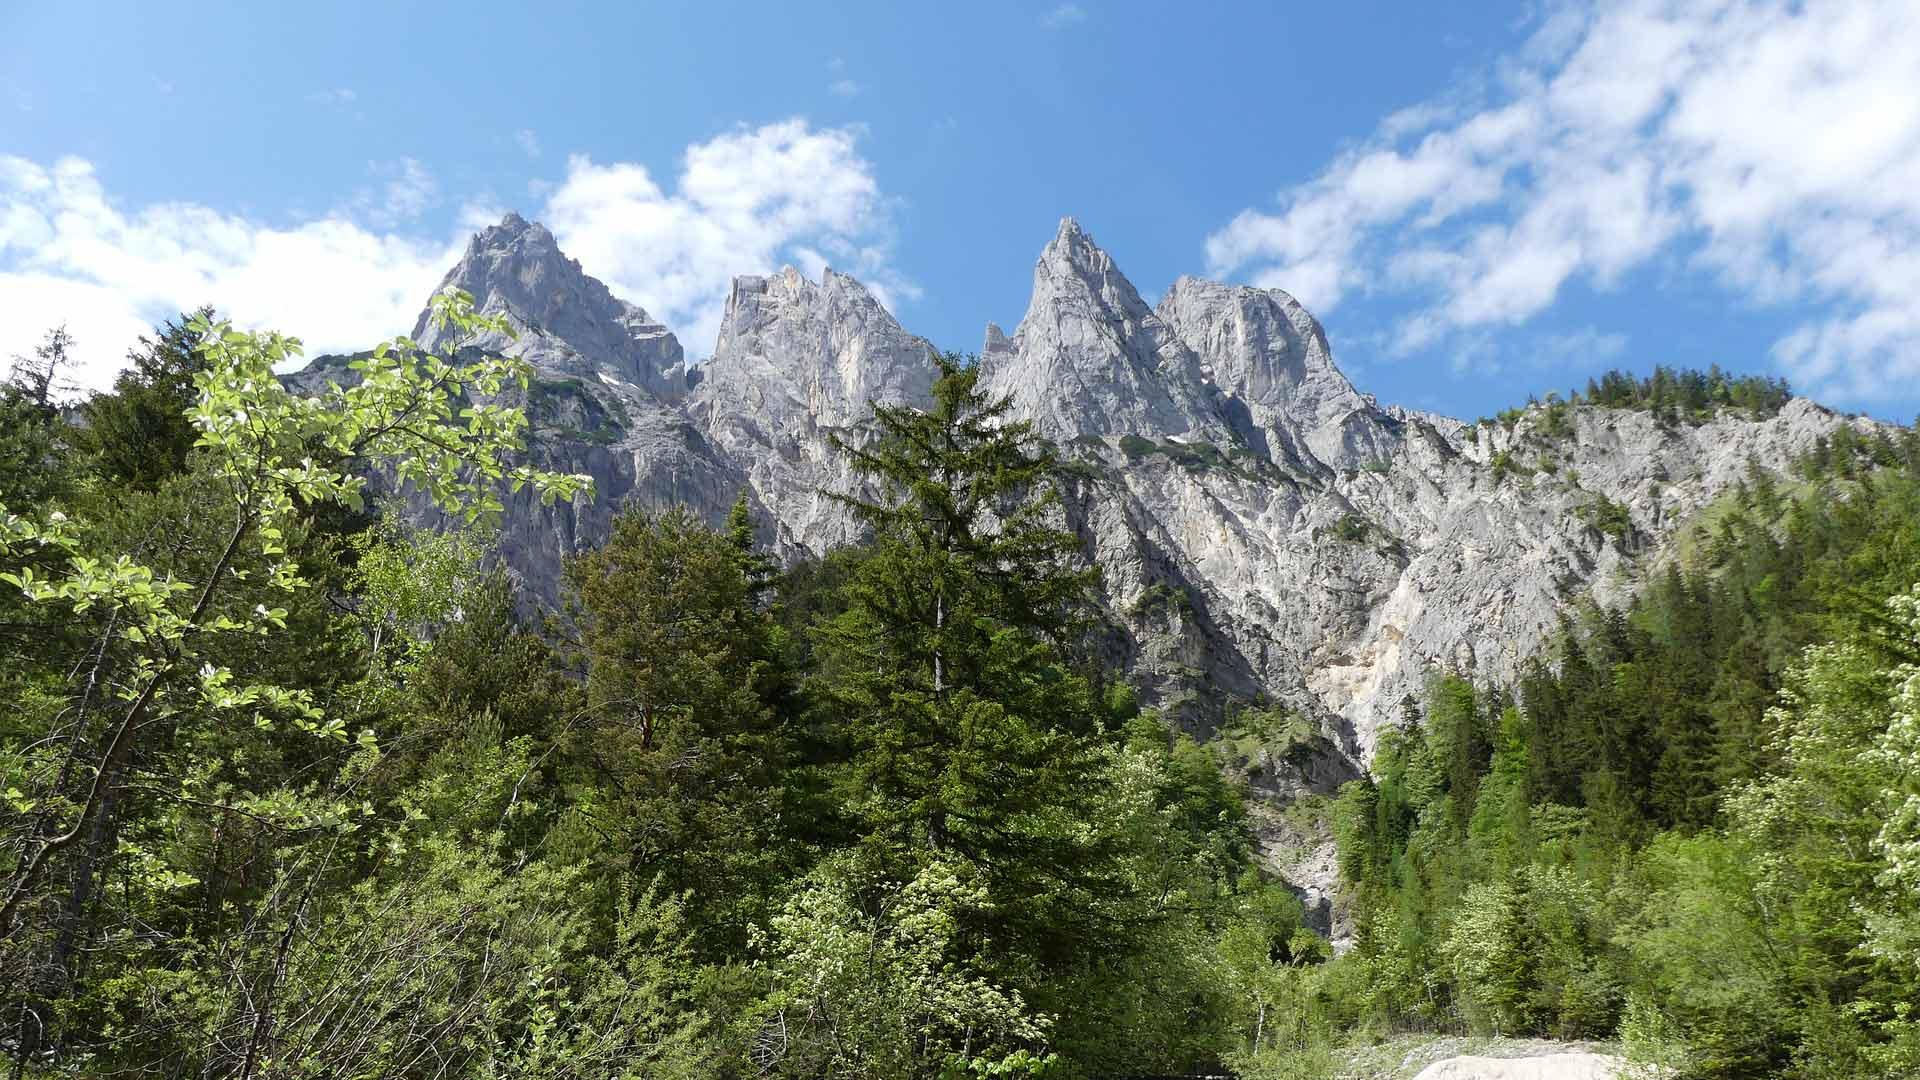 Zicht op de bergen van de Alpen rond Berchtesgaden